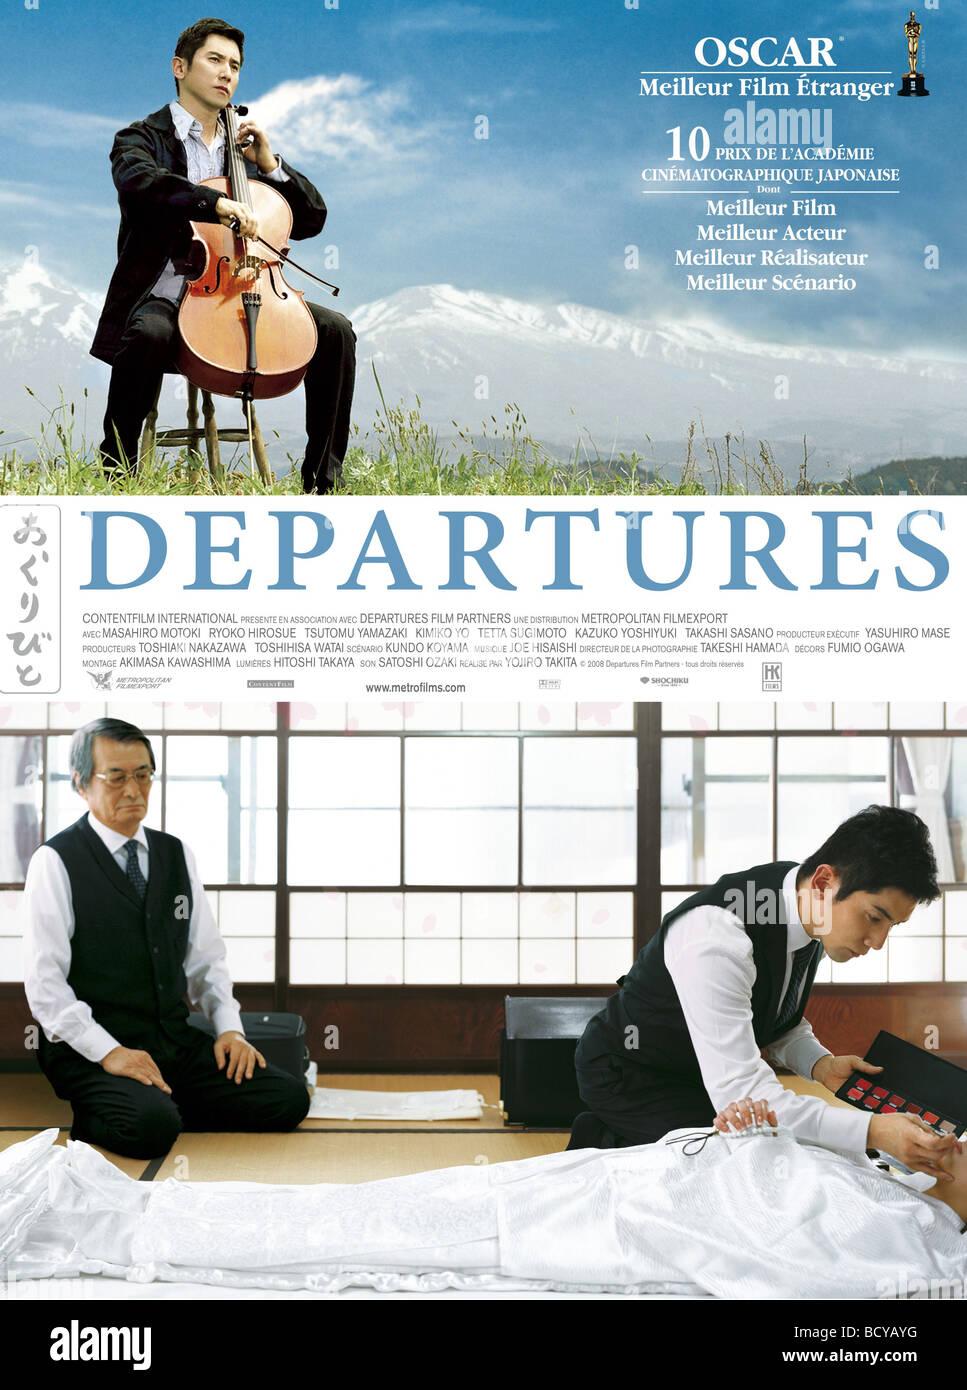 Okuribito Departures Year 2008 Director Yojiro Takita Movie Stock Photo Alamy